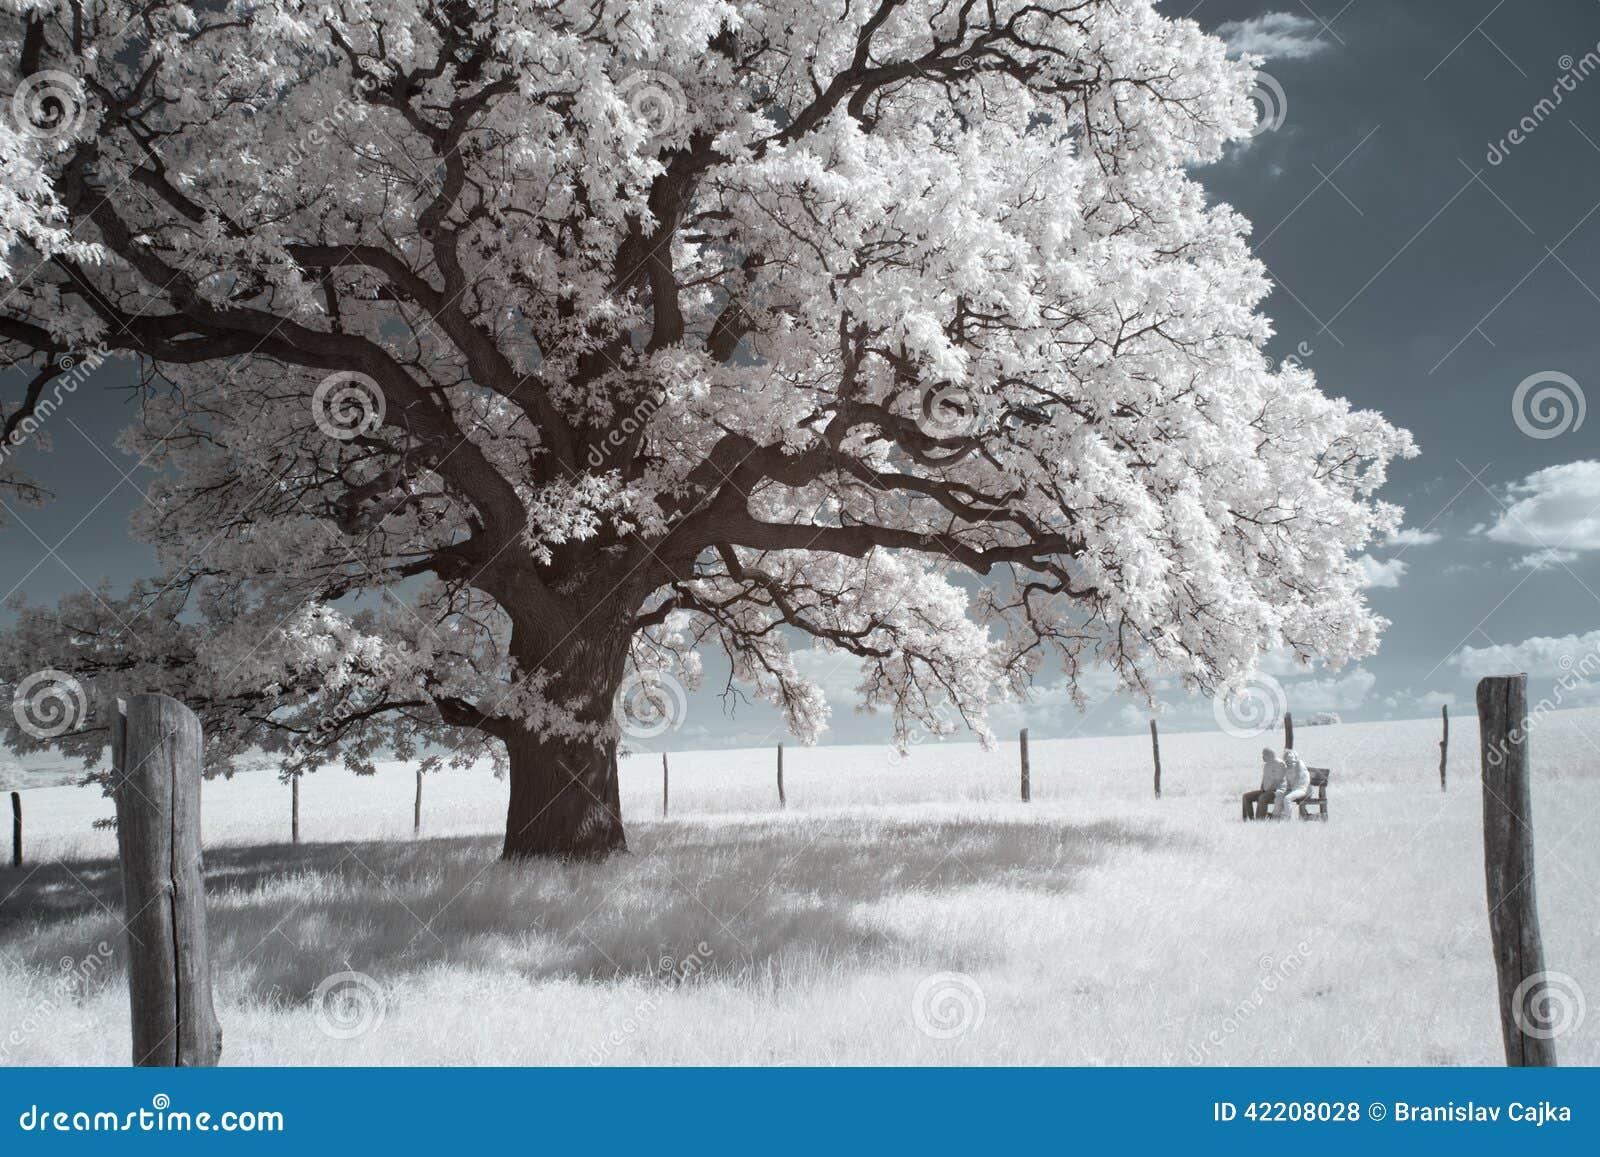 300 year old Oak-tree